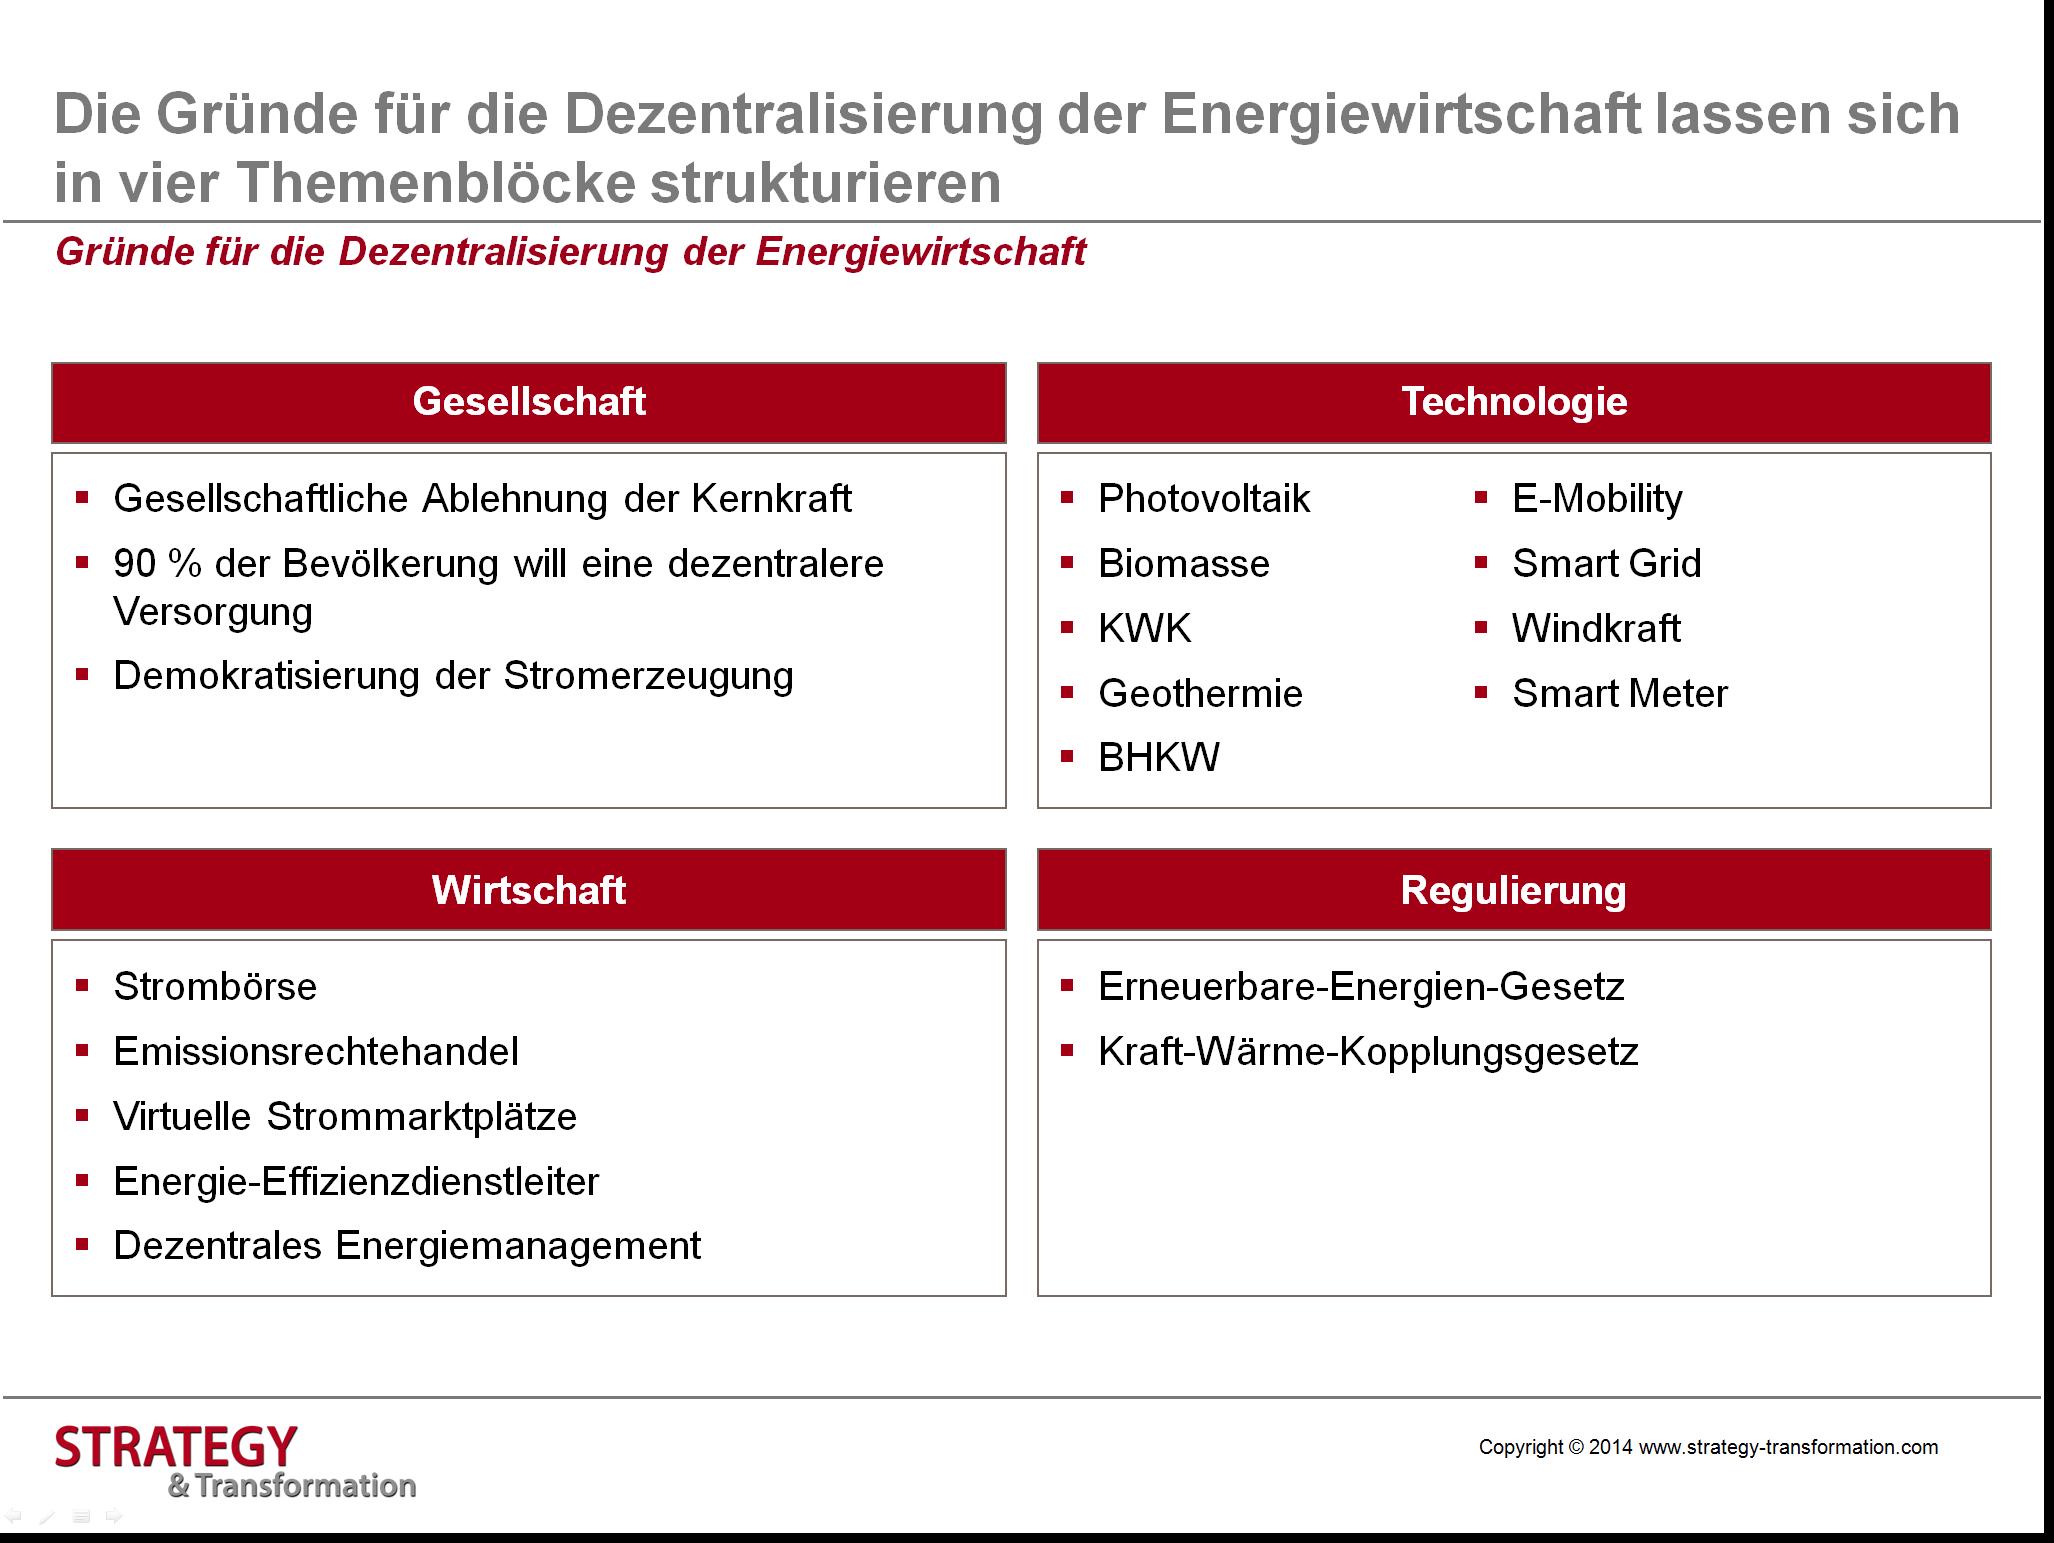 Digitale Transformation Energie_Gründe für Dezentralisierung in der Energiewirtschaft